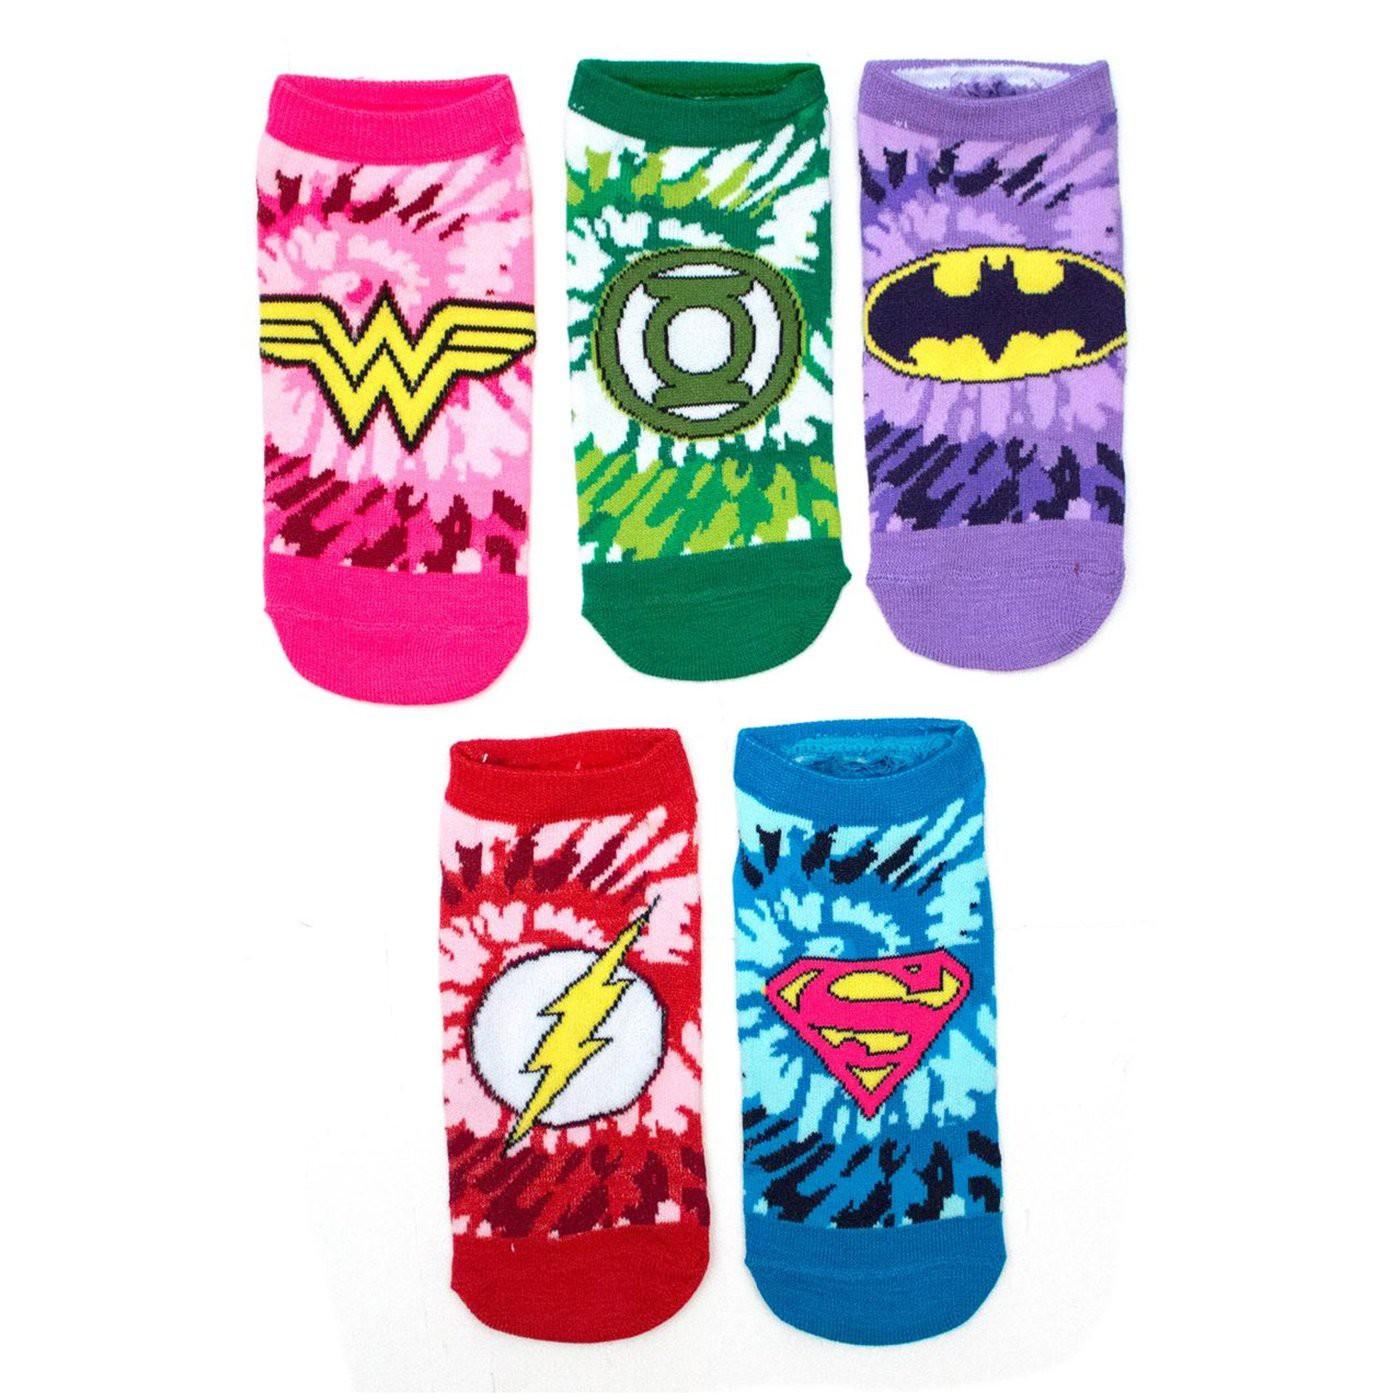 DC Comics Tye Dye Girls 5 Pair Low Cut Socks